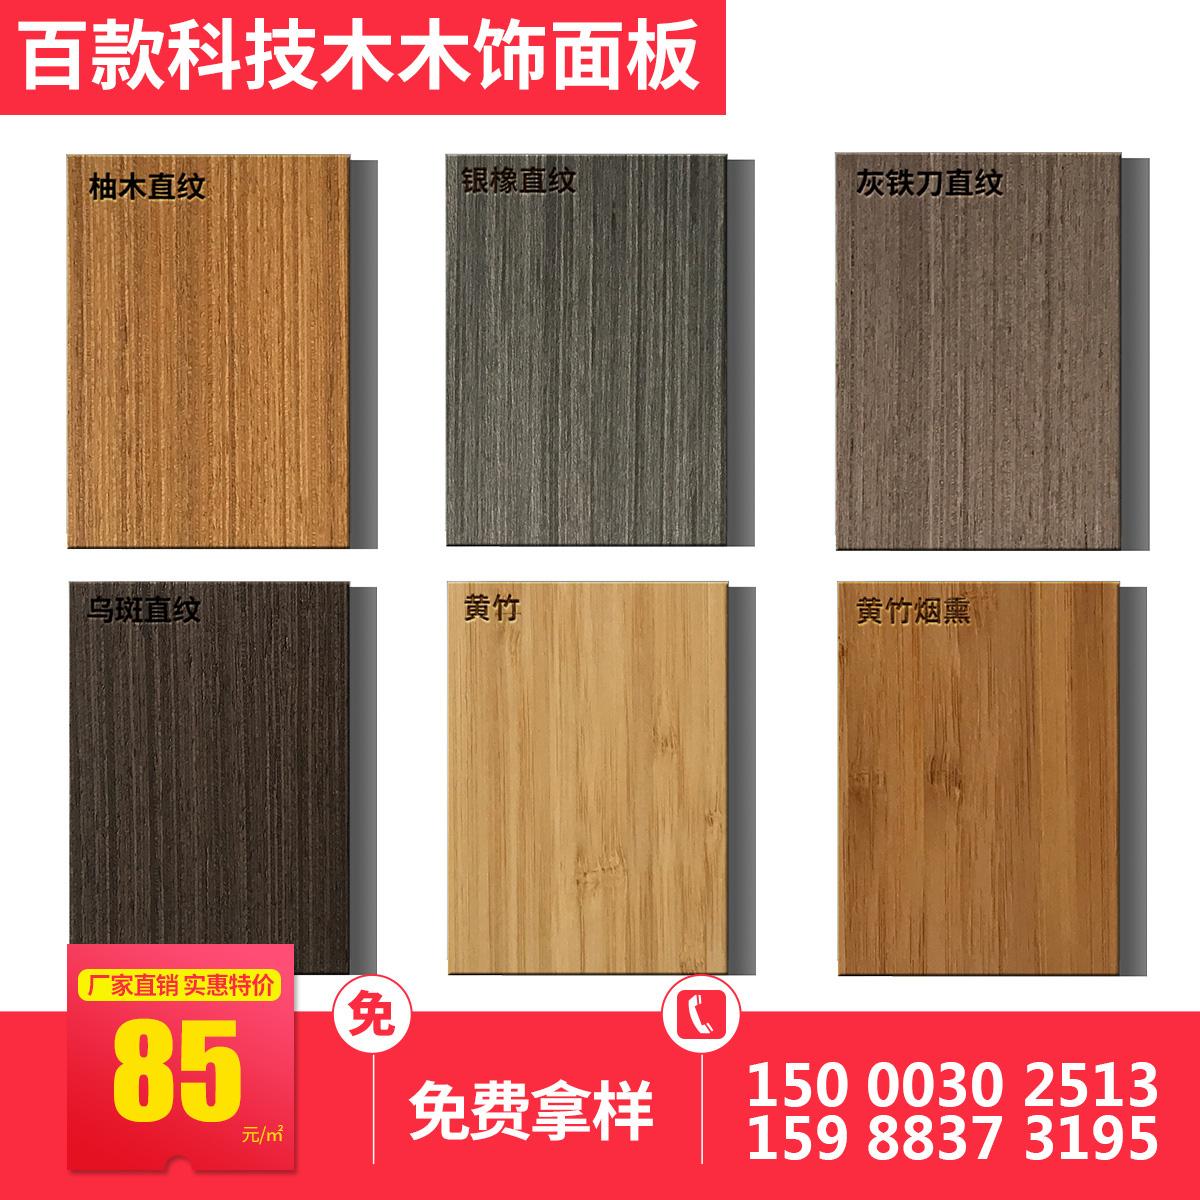 免漆木饰面板kd板饰面板免漆木饰面装饰板科技木防火板台湾科定板